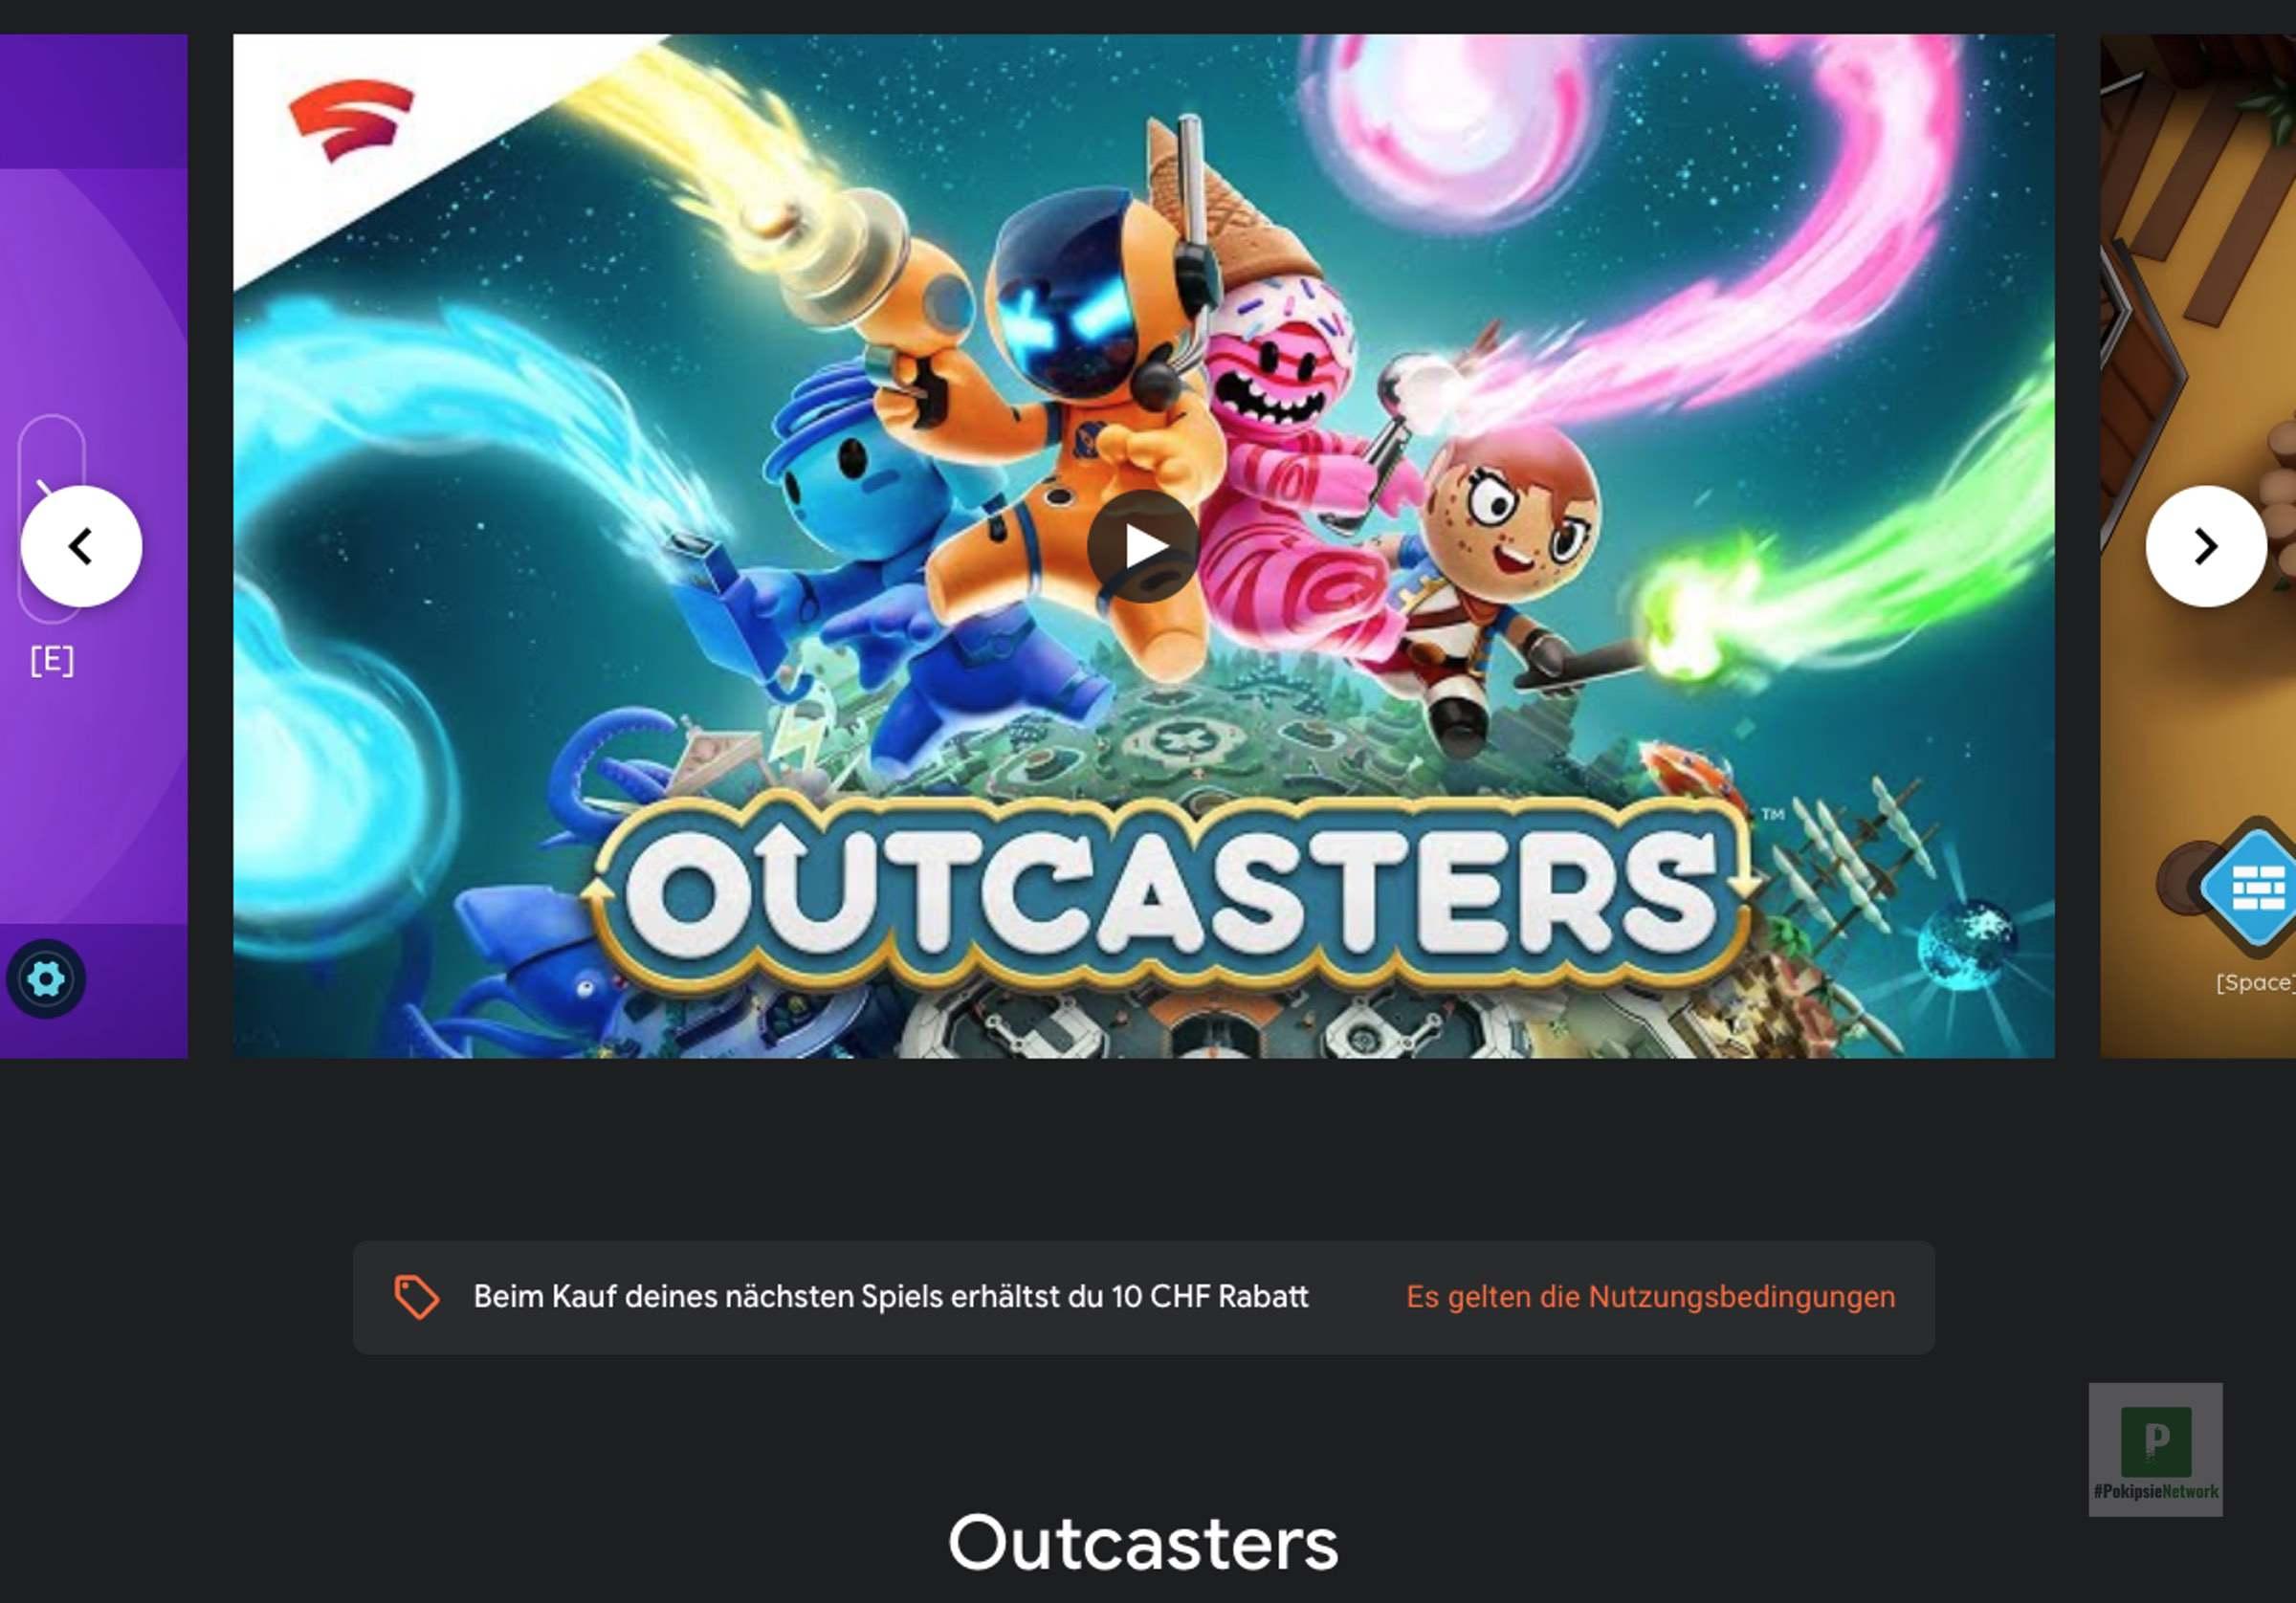 Outcasters für Google Stadia